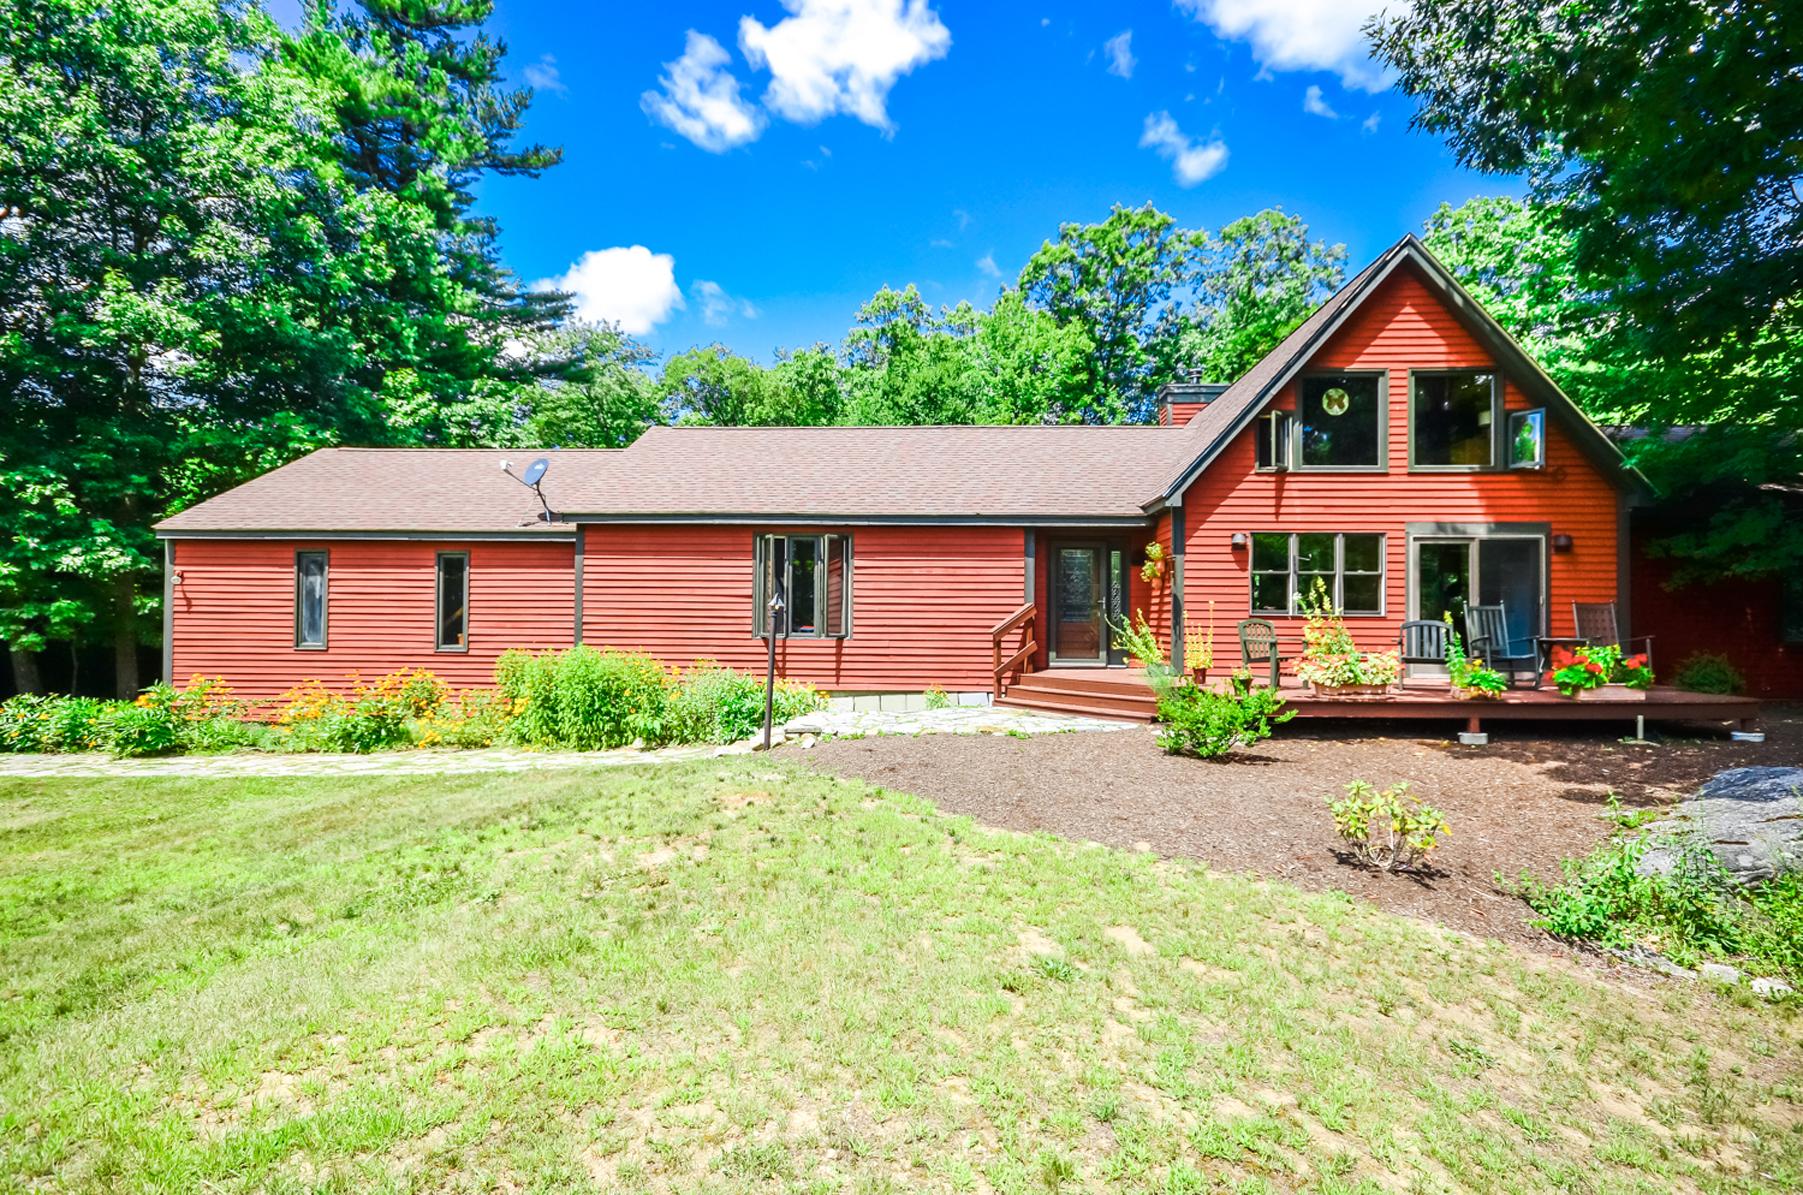 Casa Unifamiliar por un Venta en 659 West Rd, Temple Temple, Nueva Hampshire, 03084 Estados Unidos